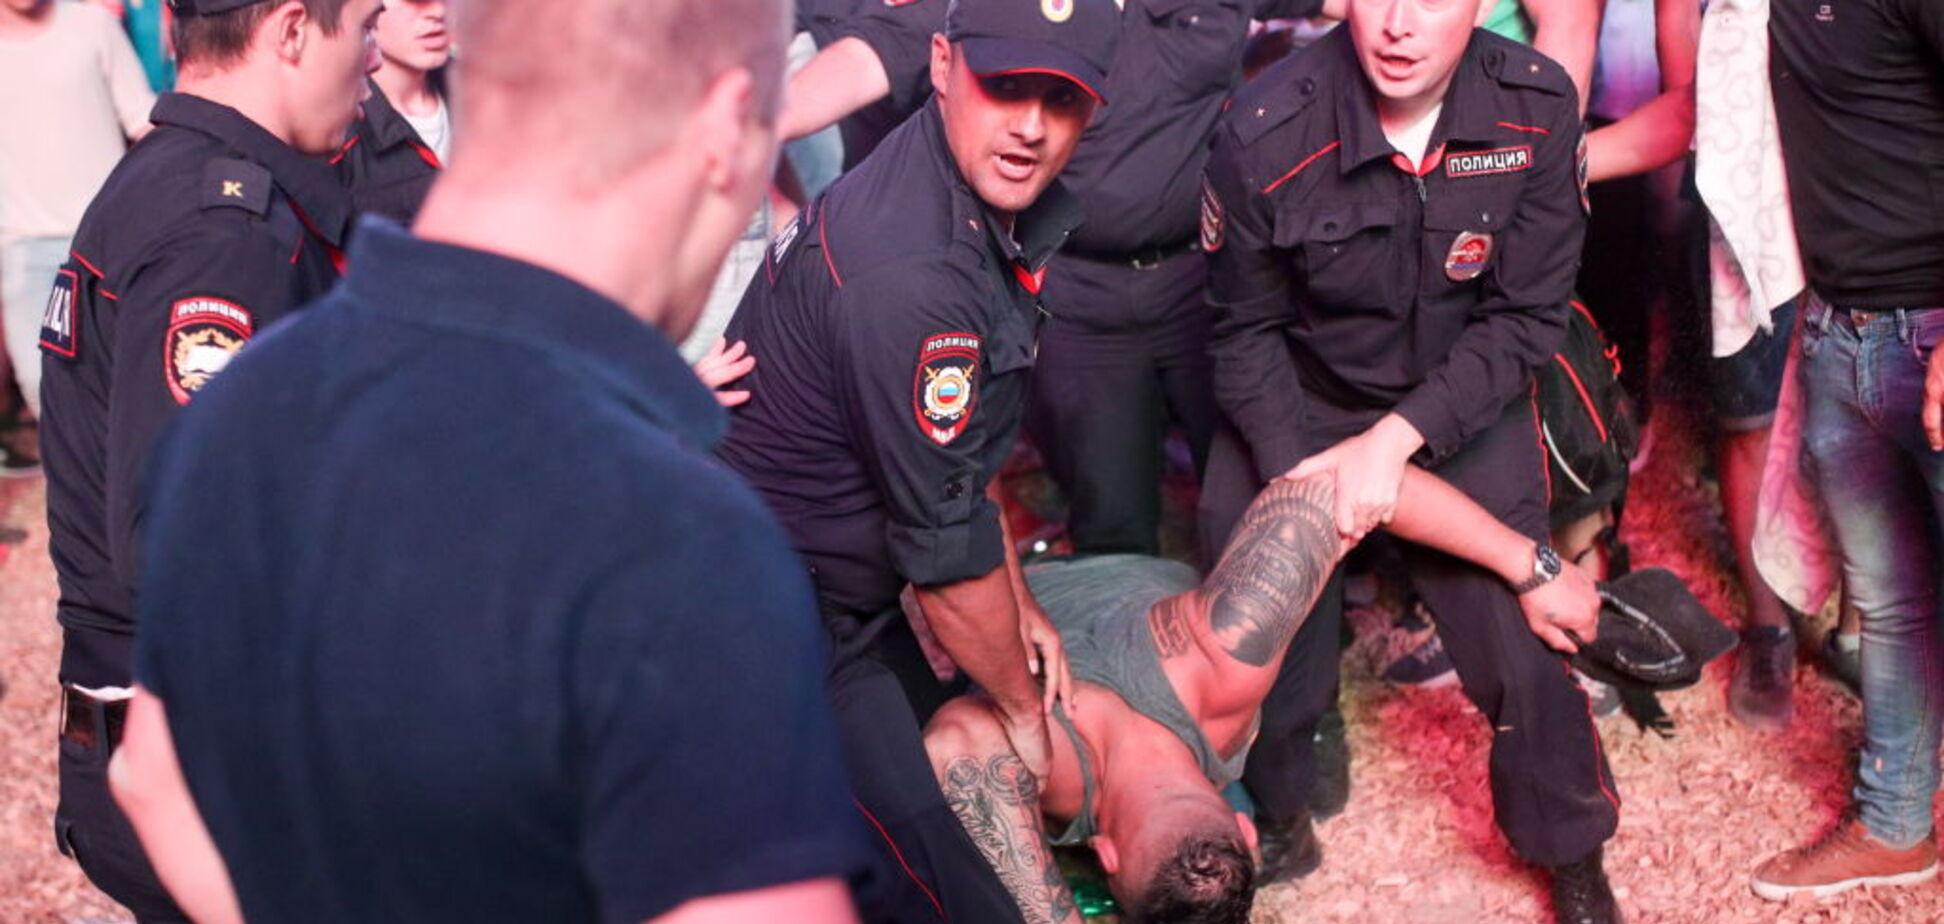 'Погоріли' на футболі: матч збірної Росії став фатальним для двох громадян РФ